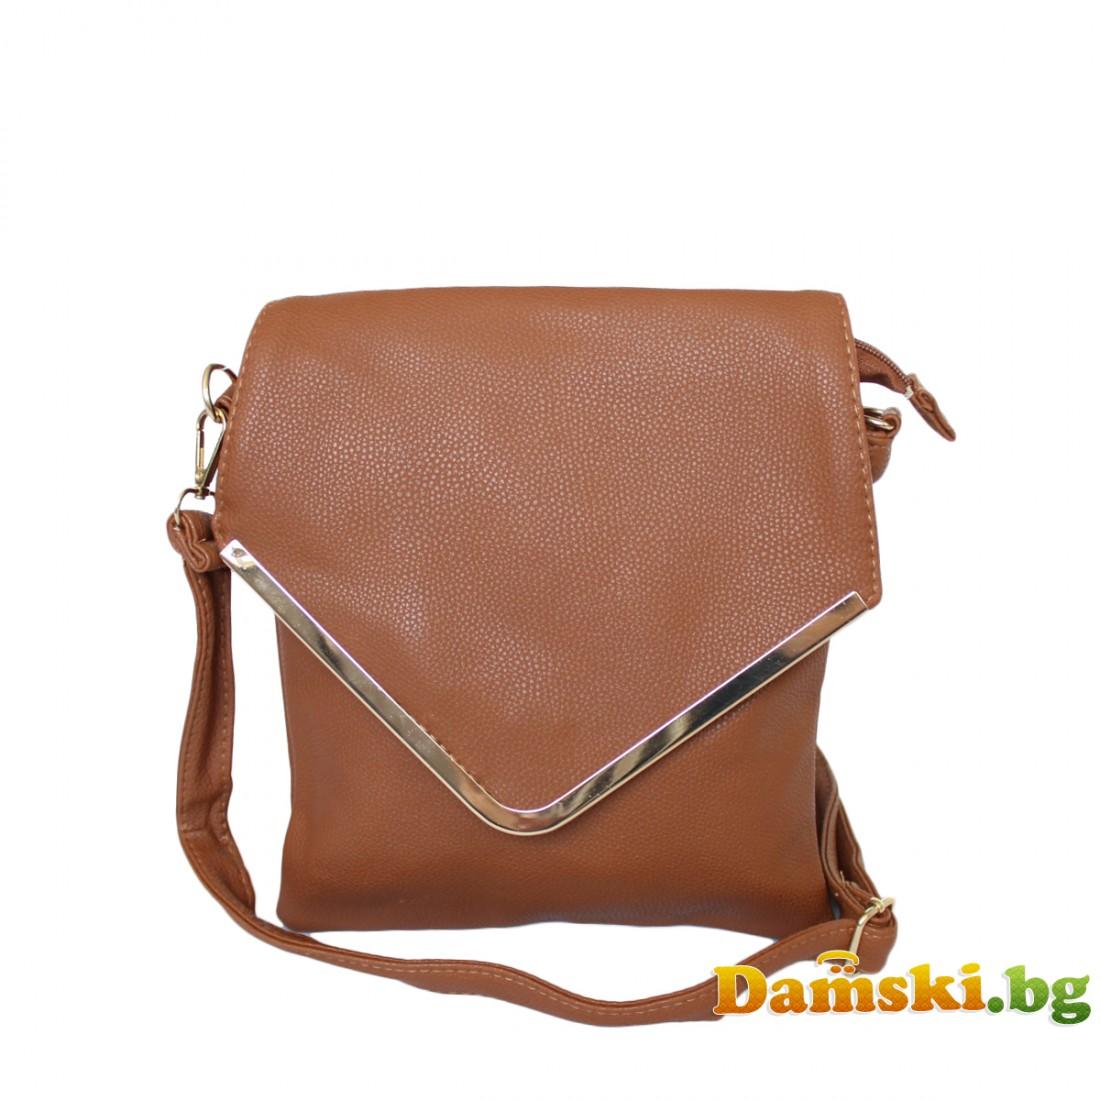 Дамски чанти през рамо Теди - кафява